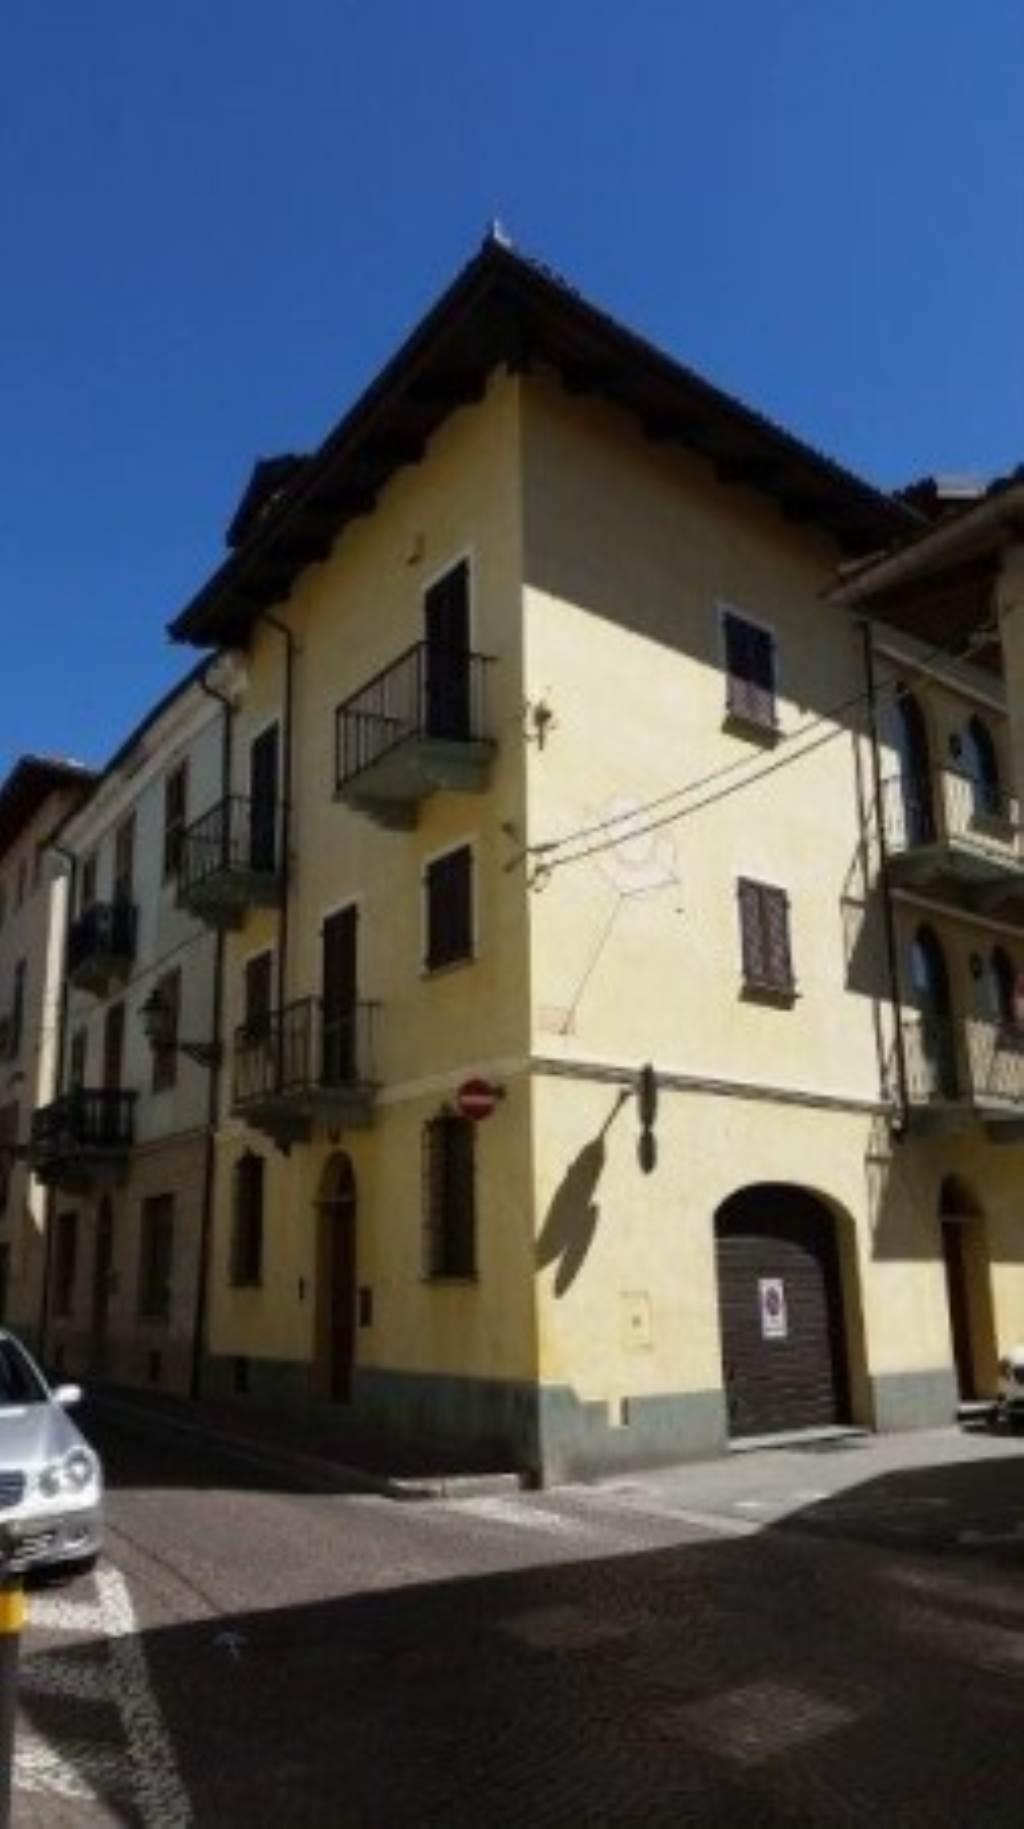 Palazzo / Stabile in vendita a Busca, 5 locali, Trattative riservate   Cambio Casa.it